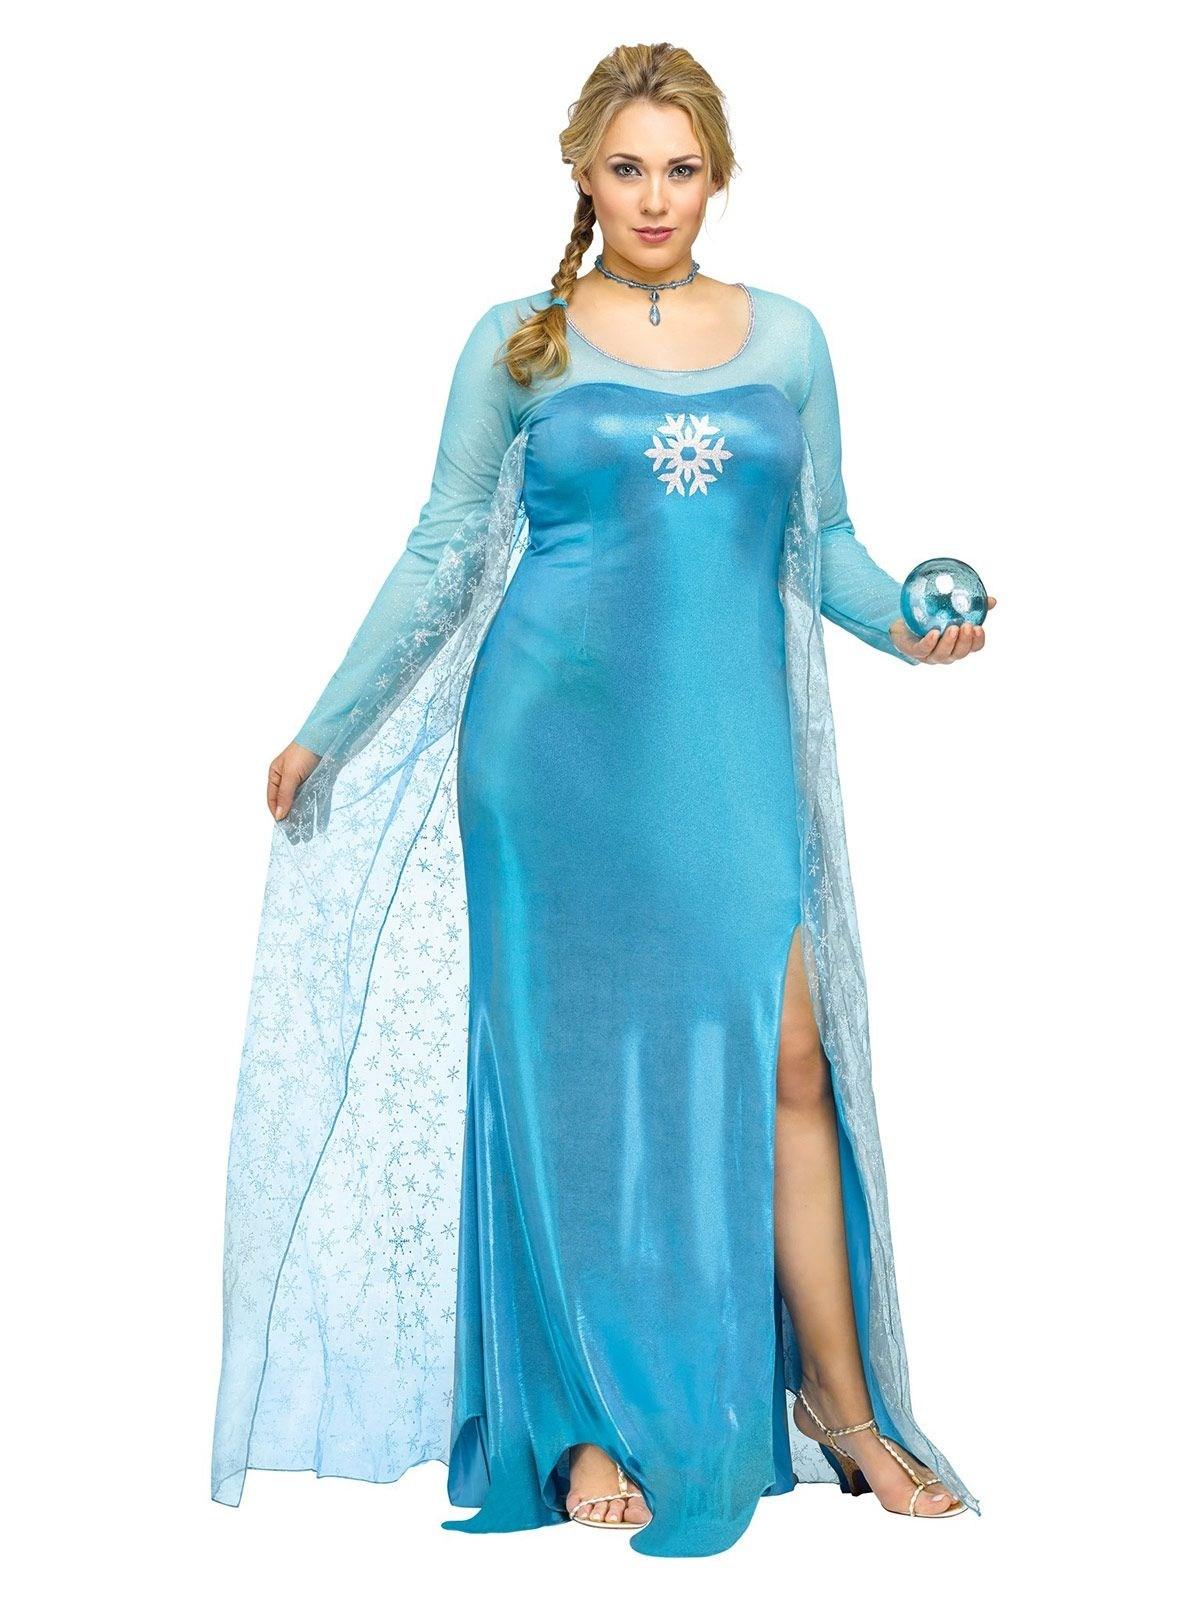 Disfraz princesa de la nieve azul mujer talla grande  Disfraces ... d452b39a4418